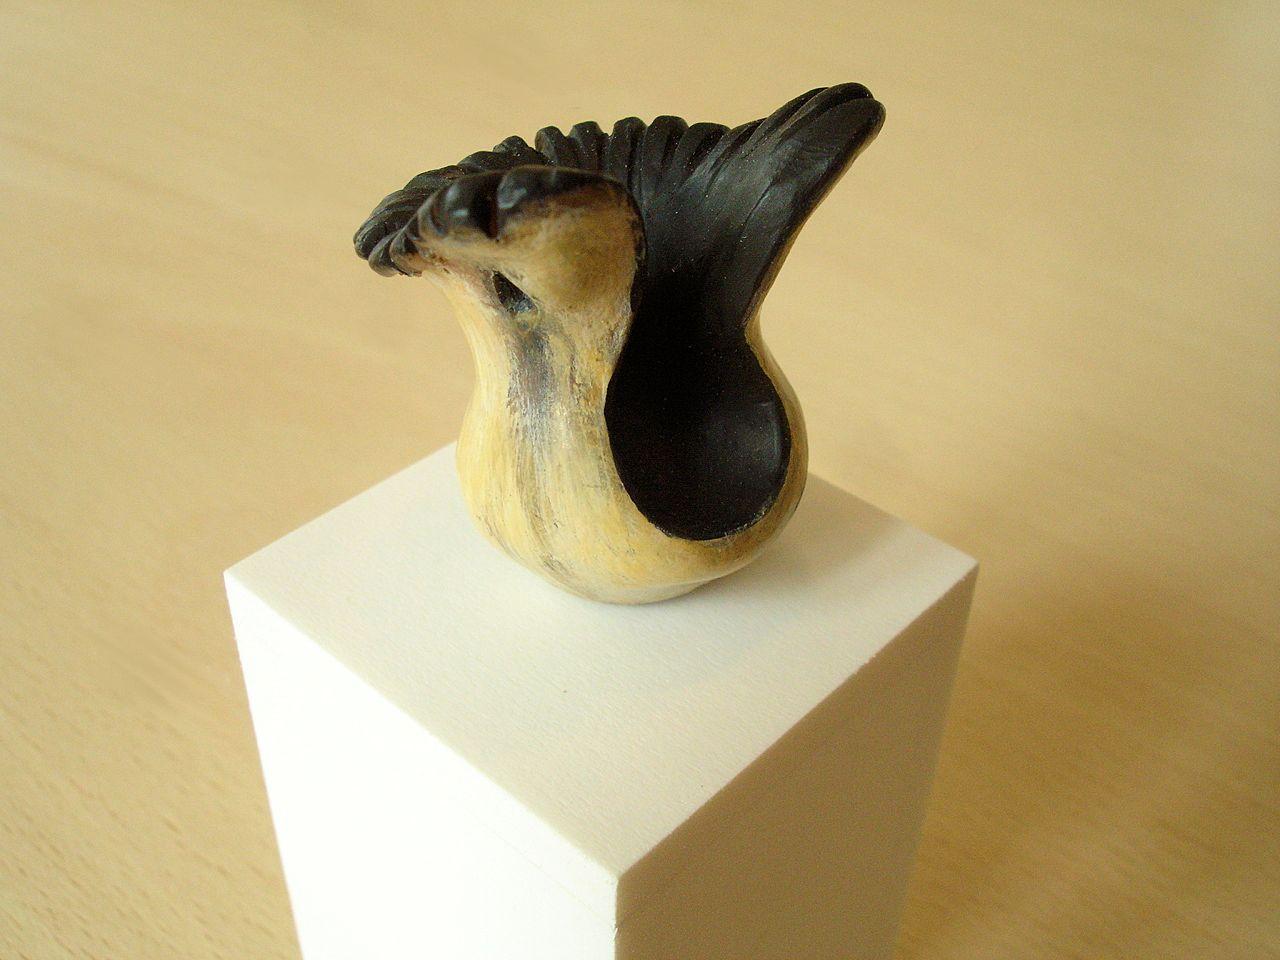 Nic Webb 'Lost Vessel', model by David Neat